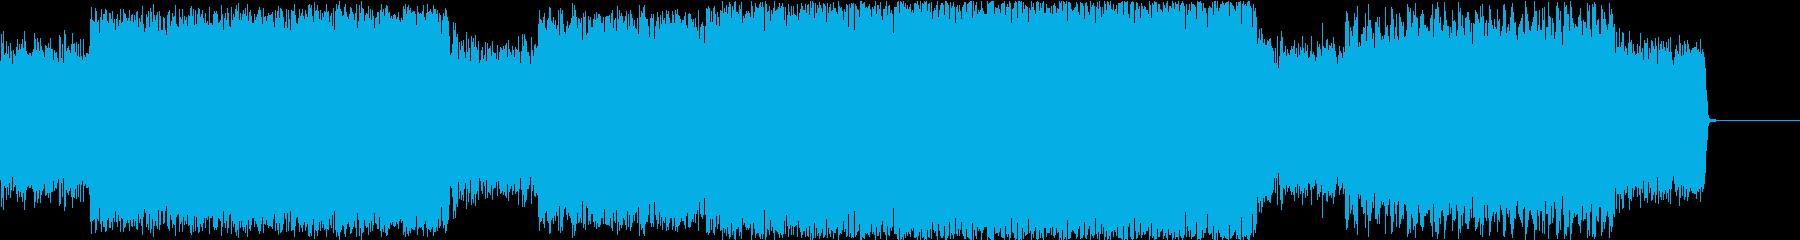 暗く激しい逃げまとう怪しいイメージの再生済みの波形